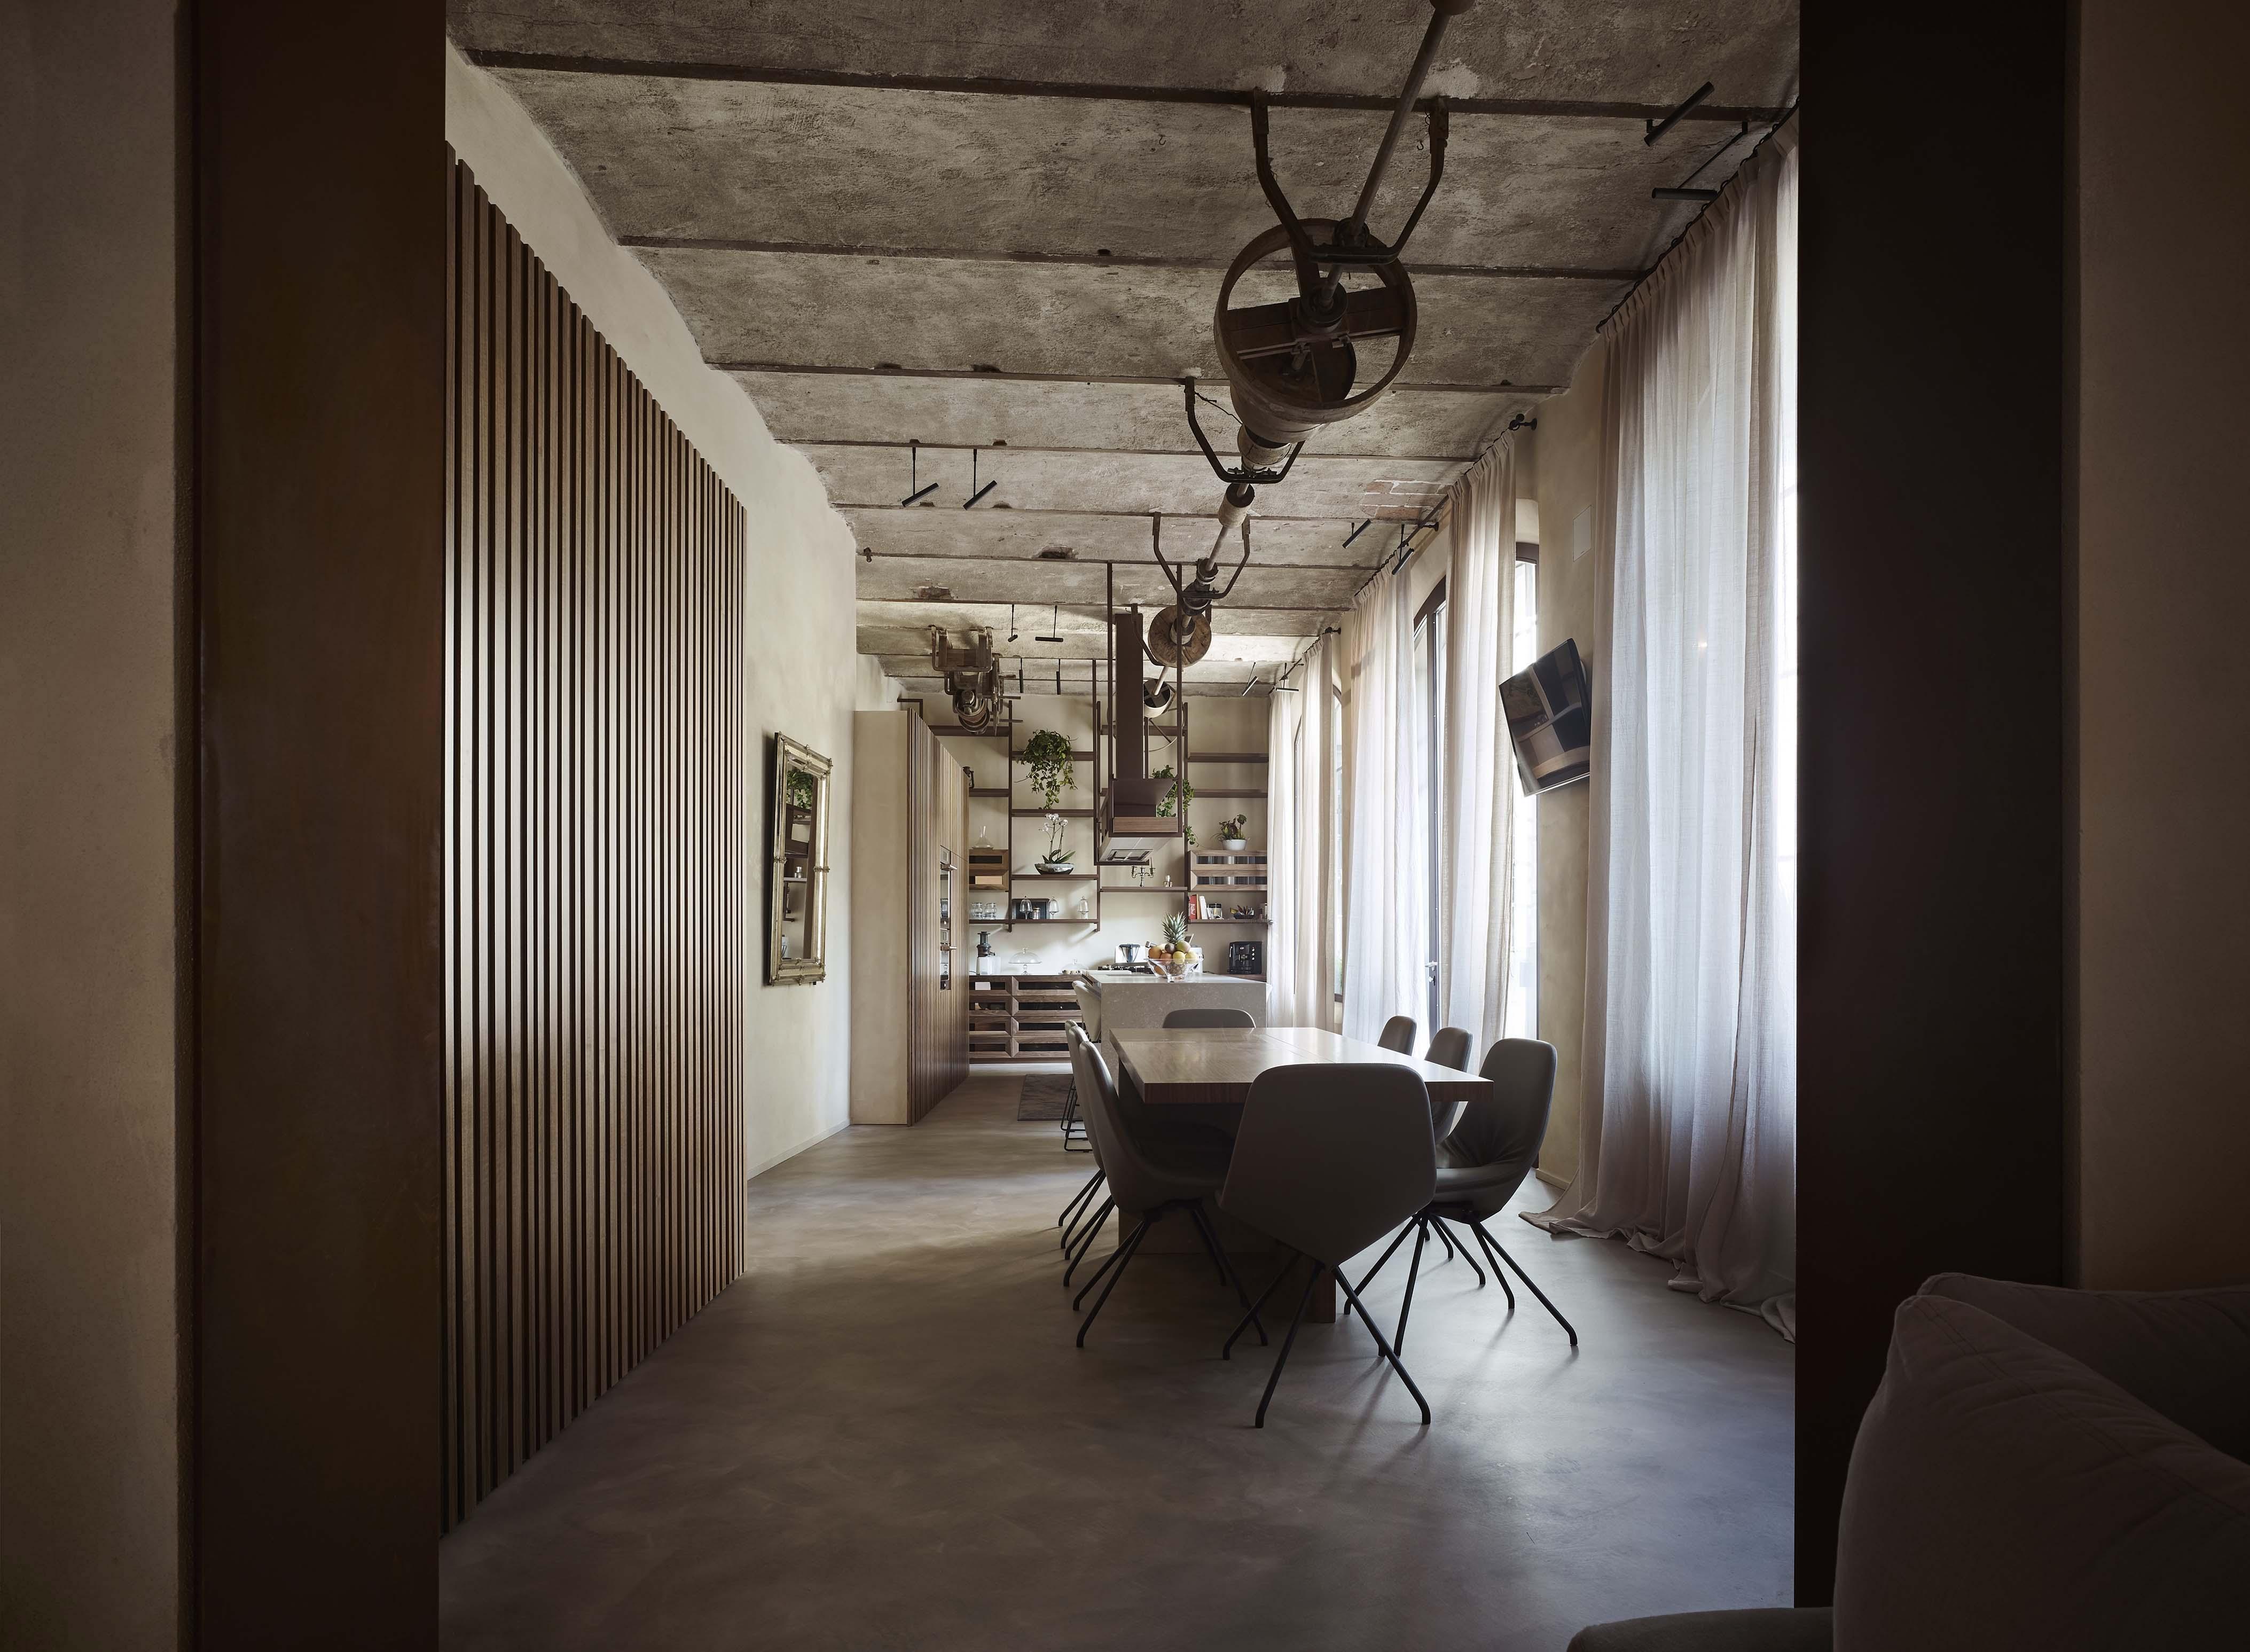 Casa Gottardi, un'abitazione privata dal raffinato stile industriale